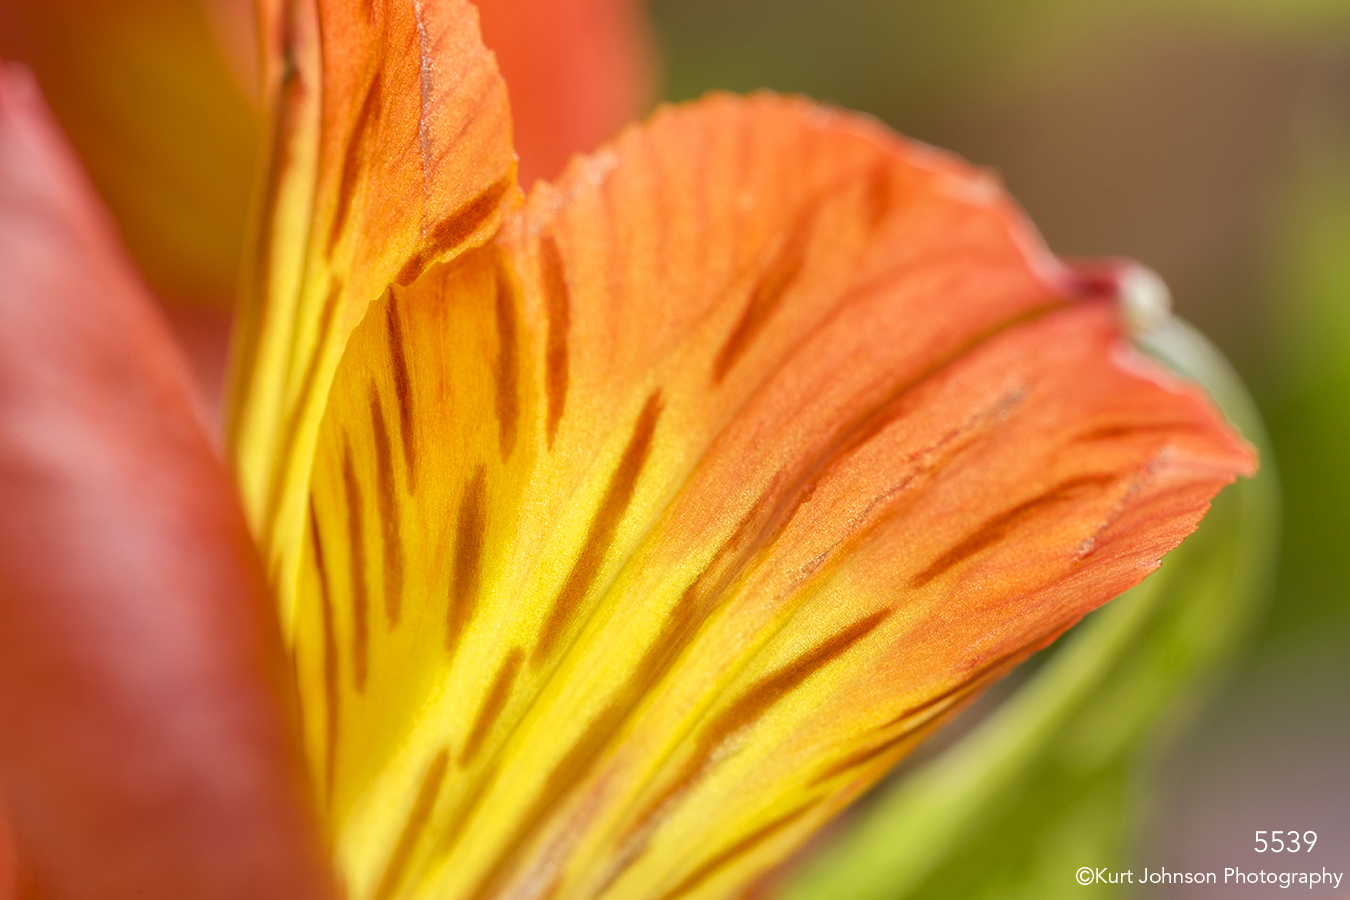 Alstroemeria orange flower petal closeup